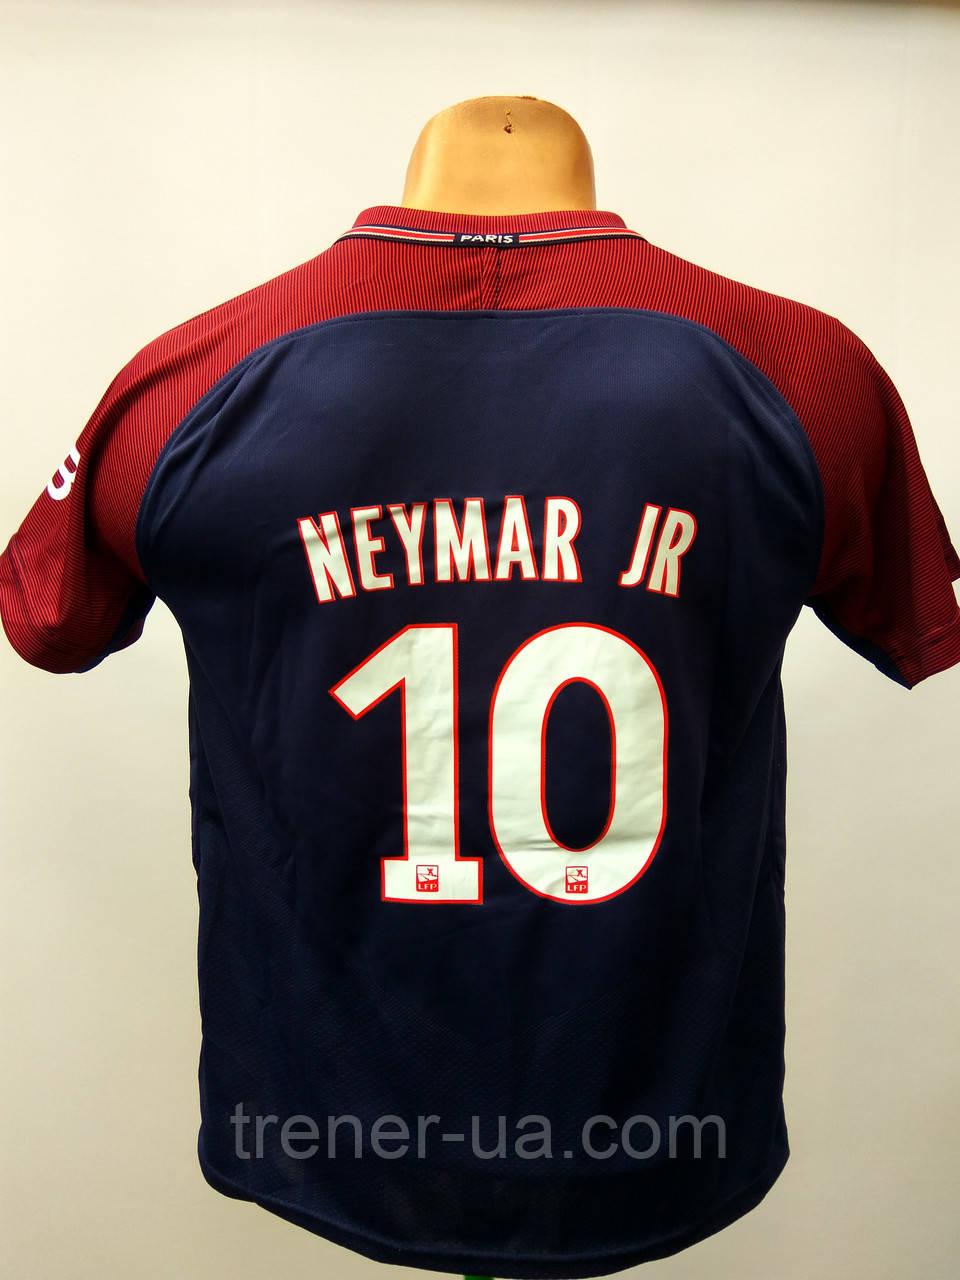 Футбольна форма дитяча в стилі Nike PSG Neymar Júnior/розпродаж маленьких розмірів футбольної форми/ Неймар